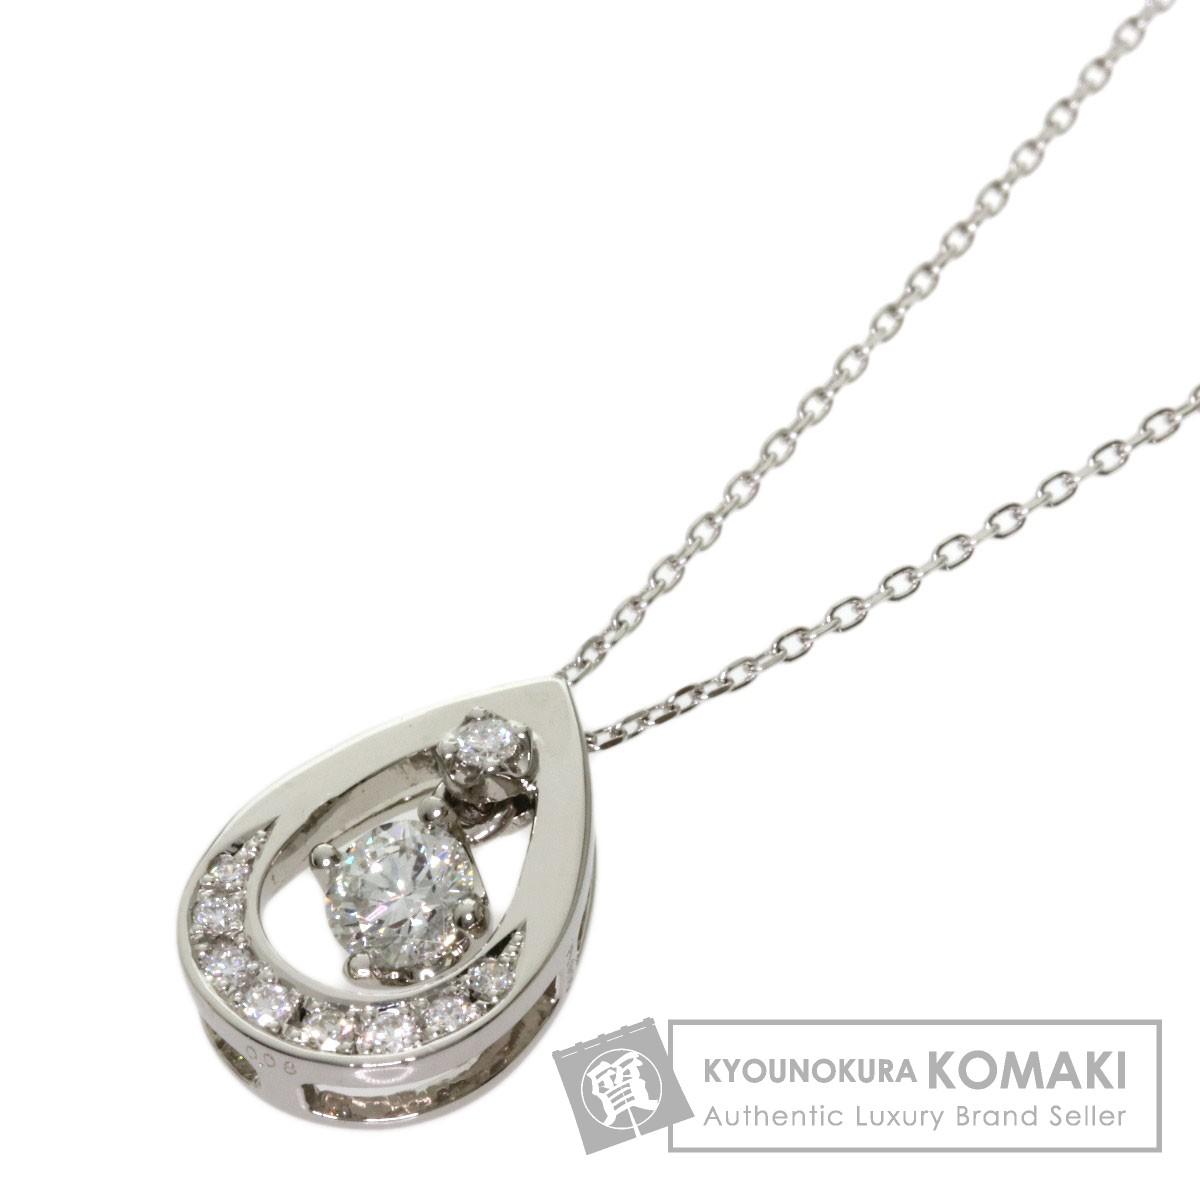 0.234ct ダイヤモンド ネックレス プラチナPT850/PT900 3.5g レディース 【中古】